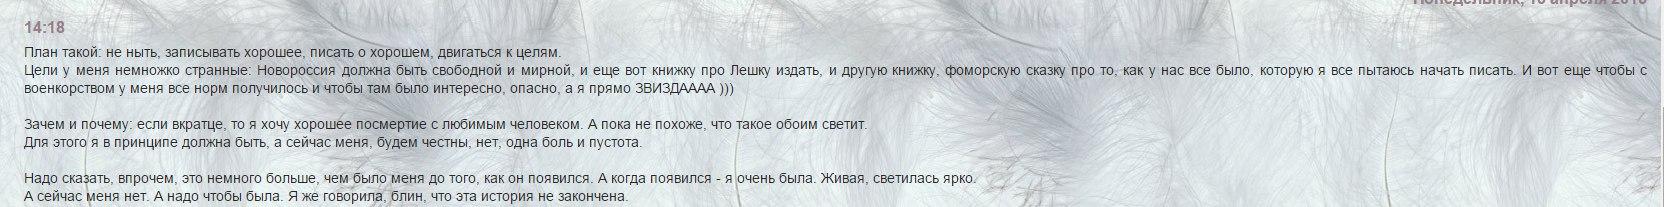 aVtmq8Ji2XQ.jpg